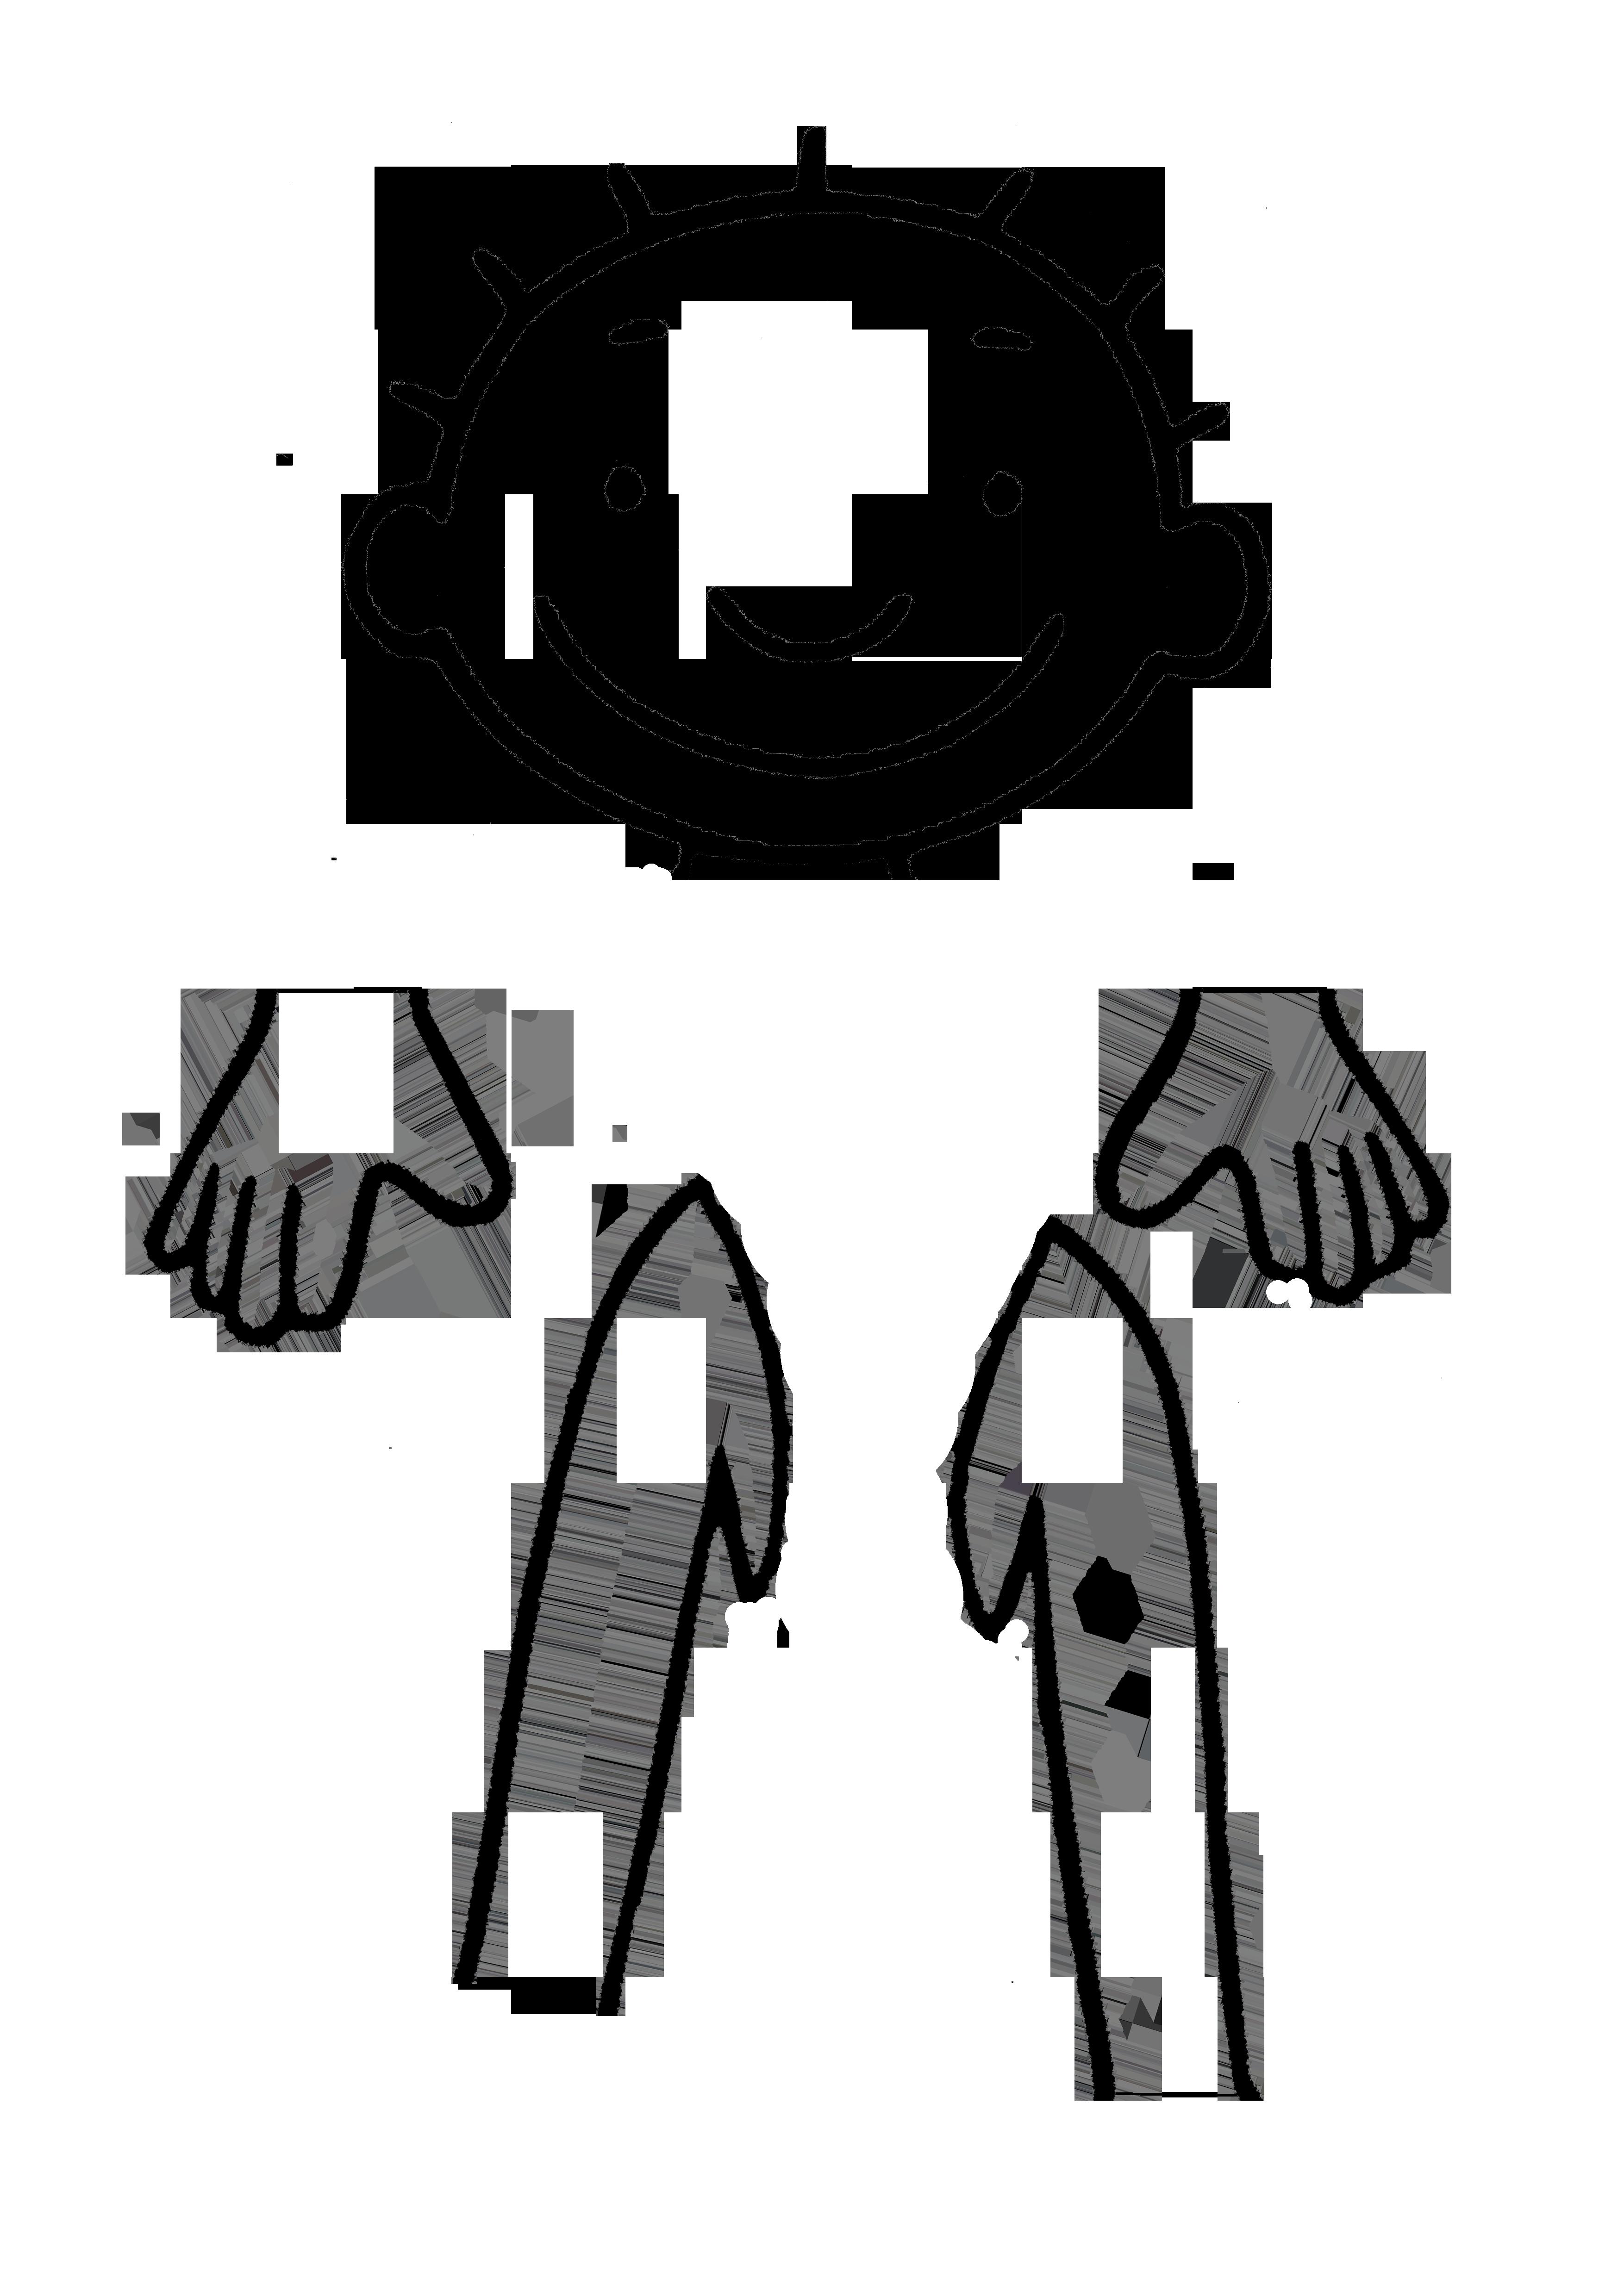 puzzel jules hoofd handen armen a3 formaat lichaam